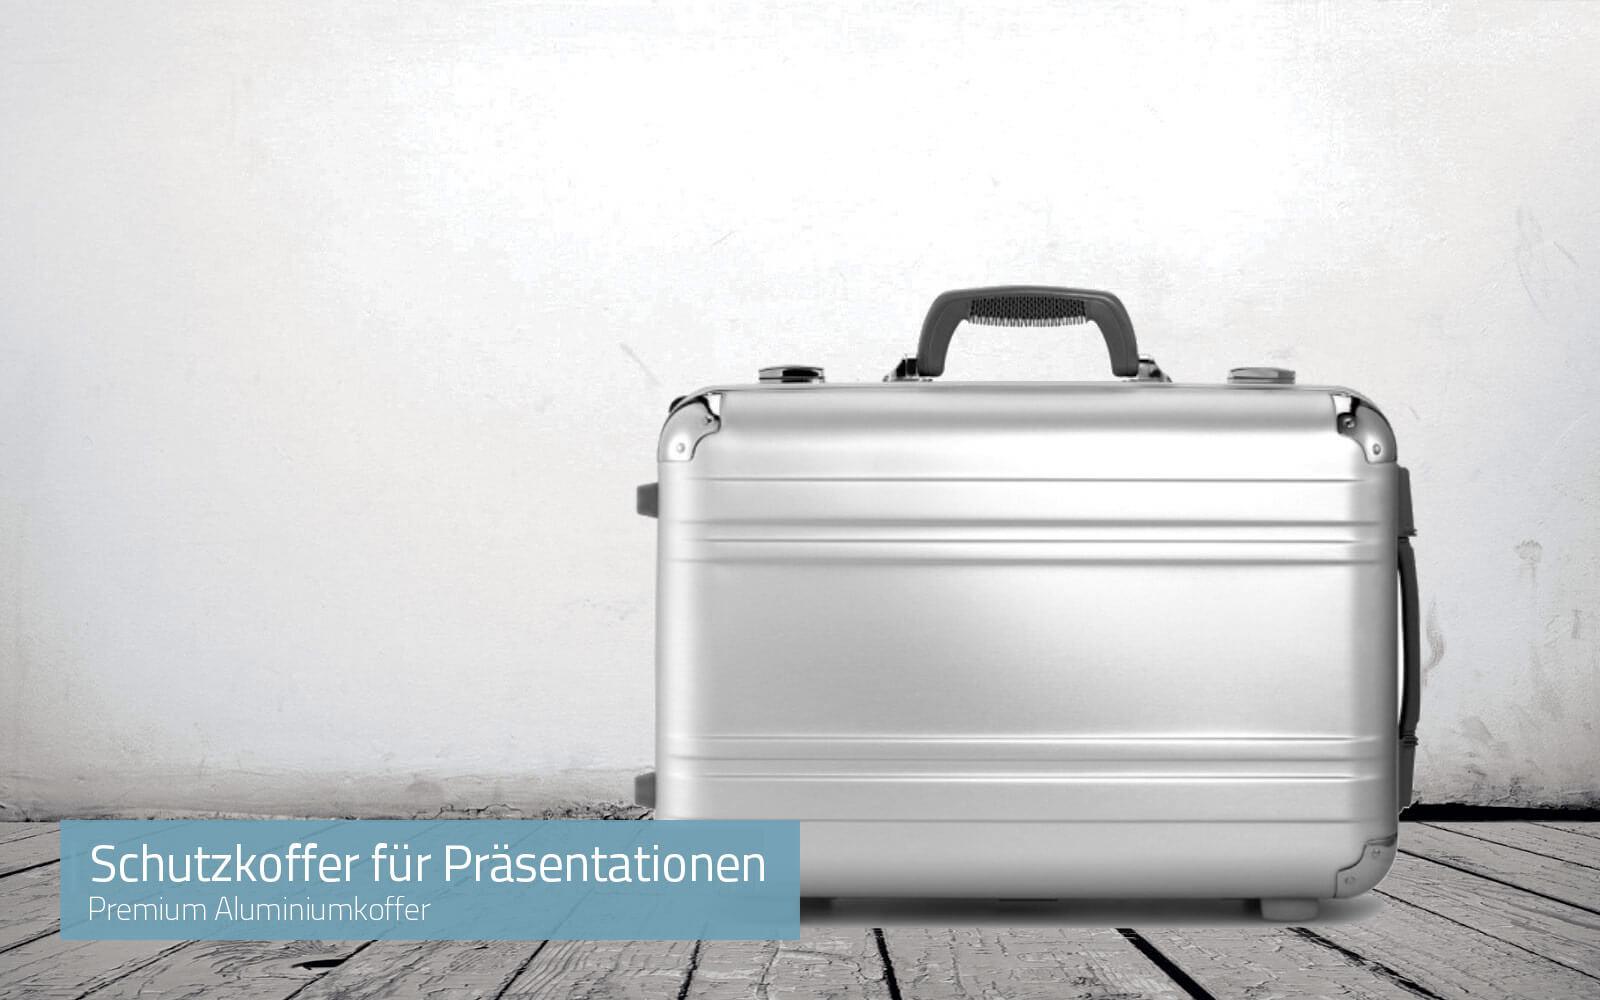 Premium Koffer für Präsentationen